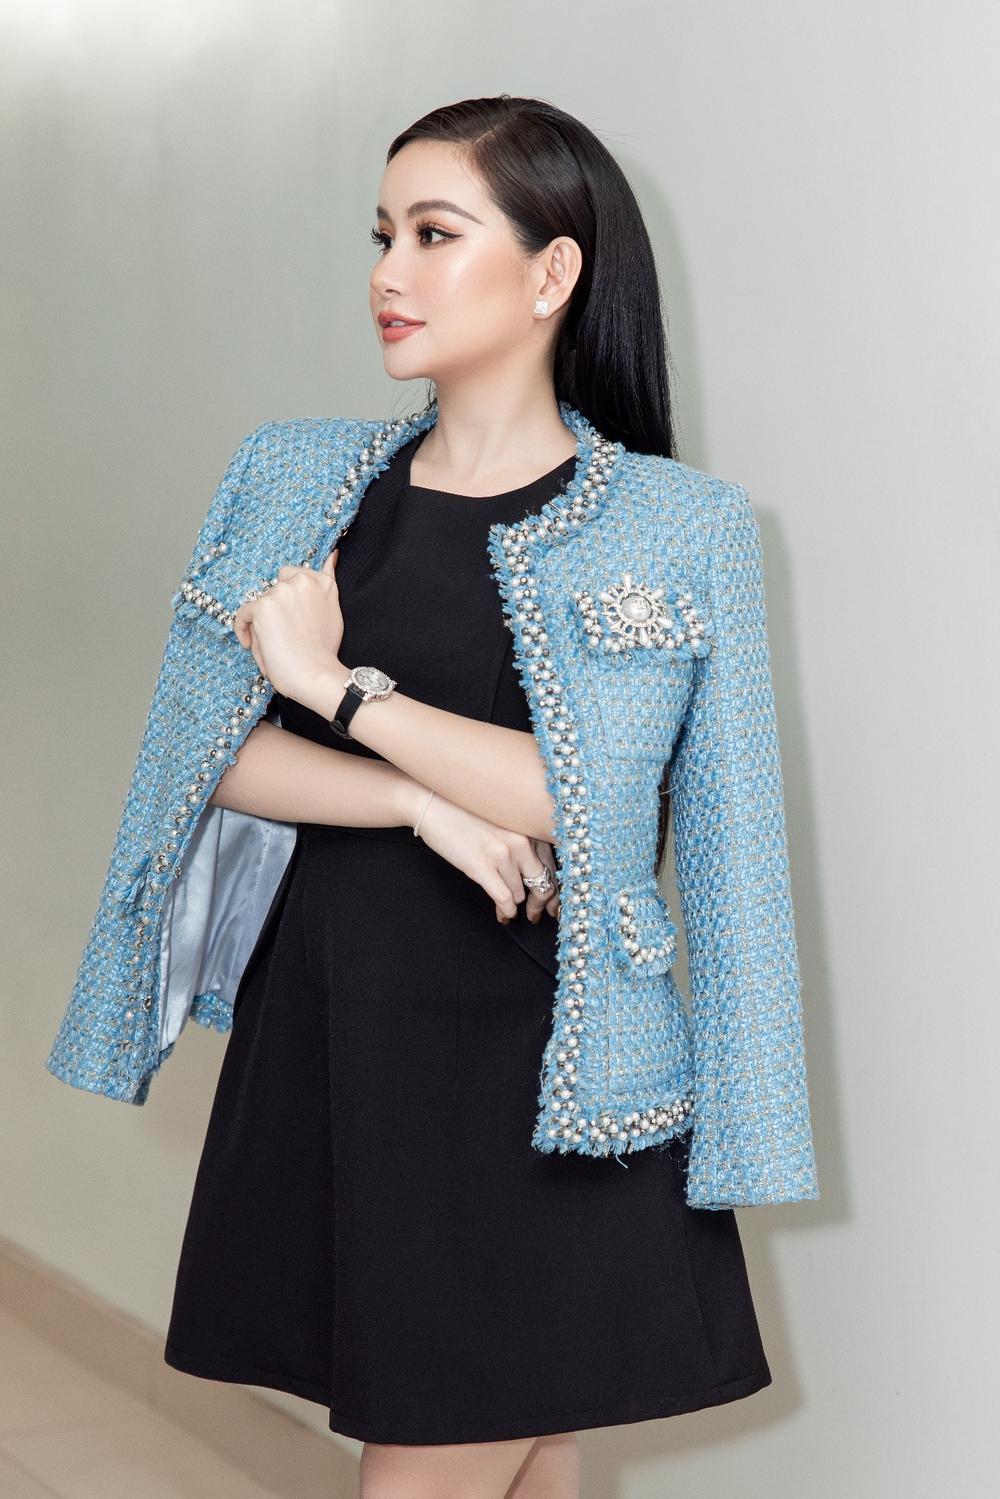 Doanh nhân Võ Thị Ngọc Huyền đảm nhận vai trò giám khảo cuộc thi HUTECH Startup Wings 2021 Ảnh 5